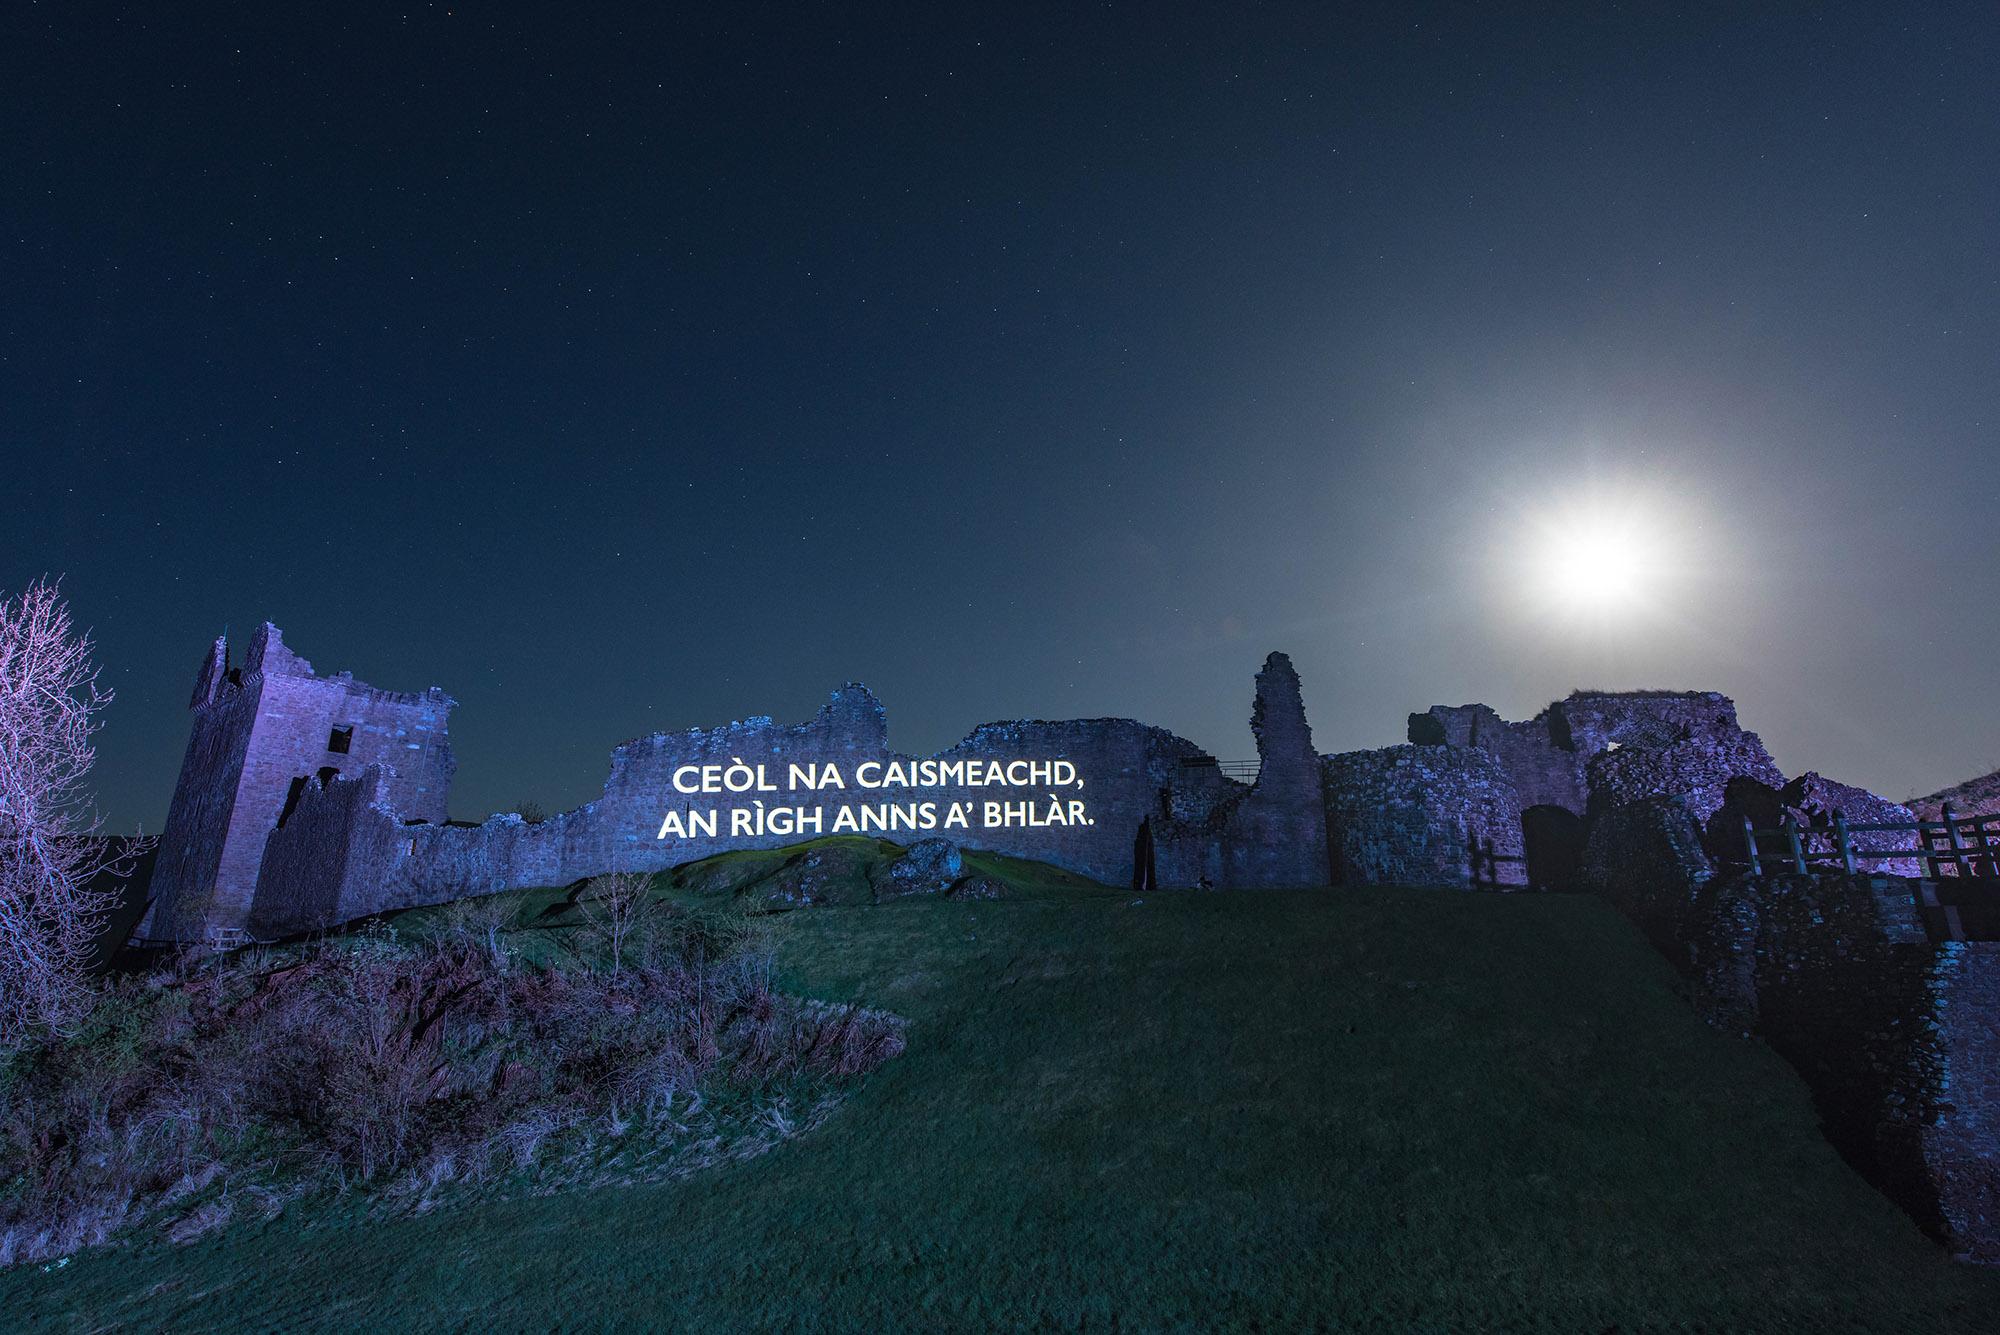 Òran nan Clachan projection timelapse film, Urquhart Castle